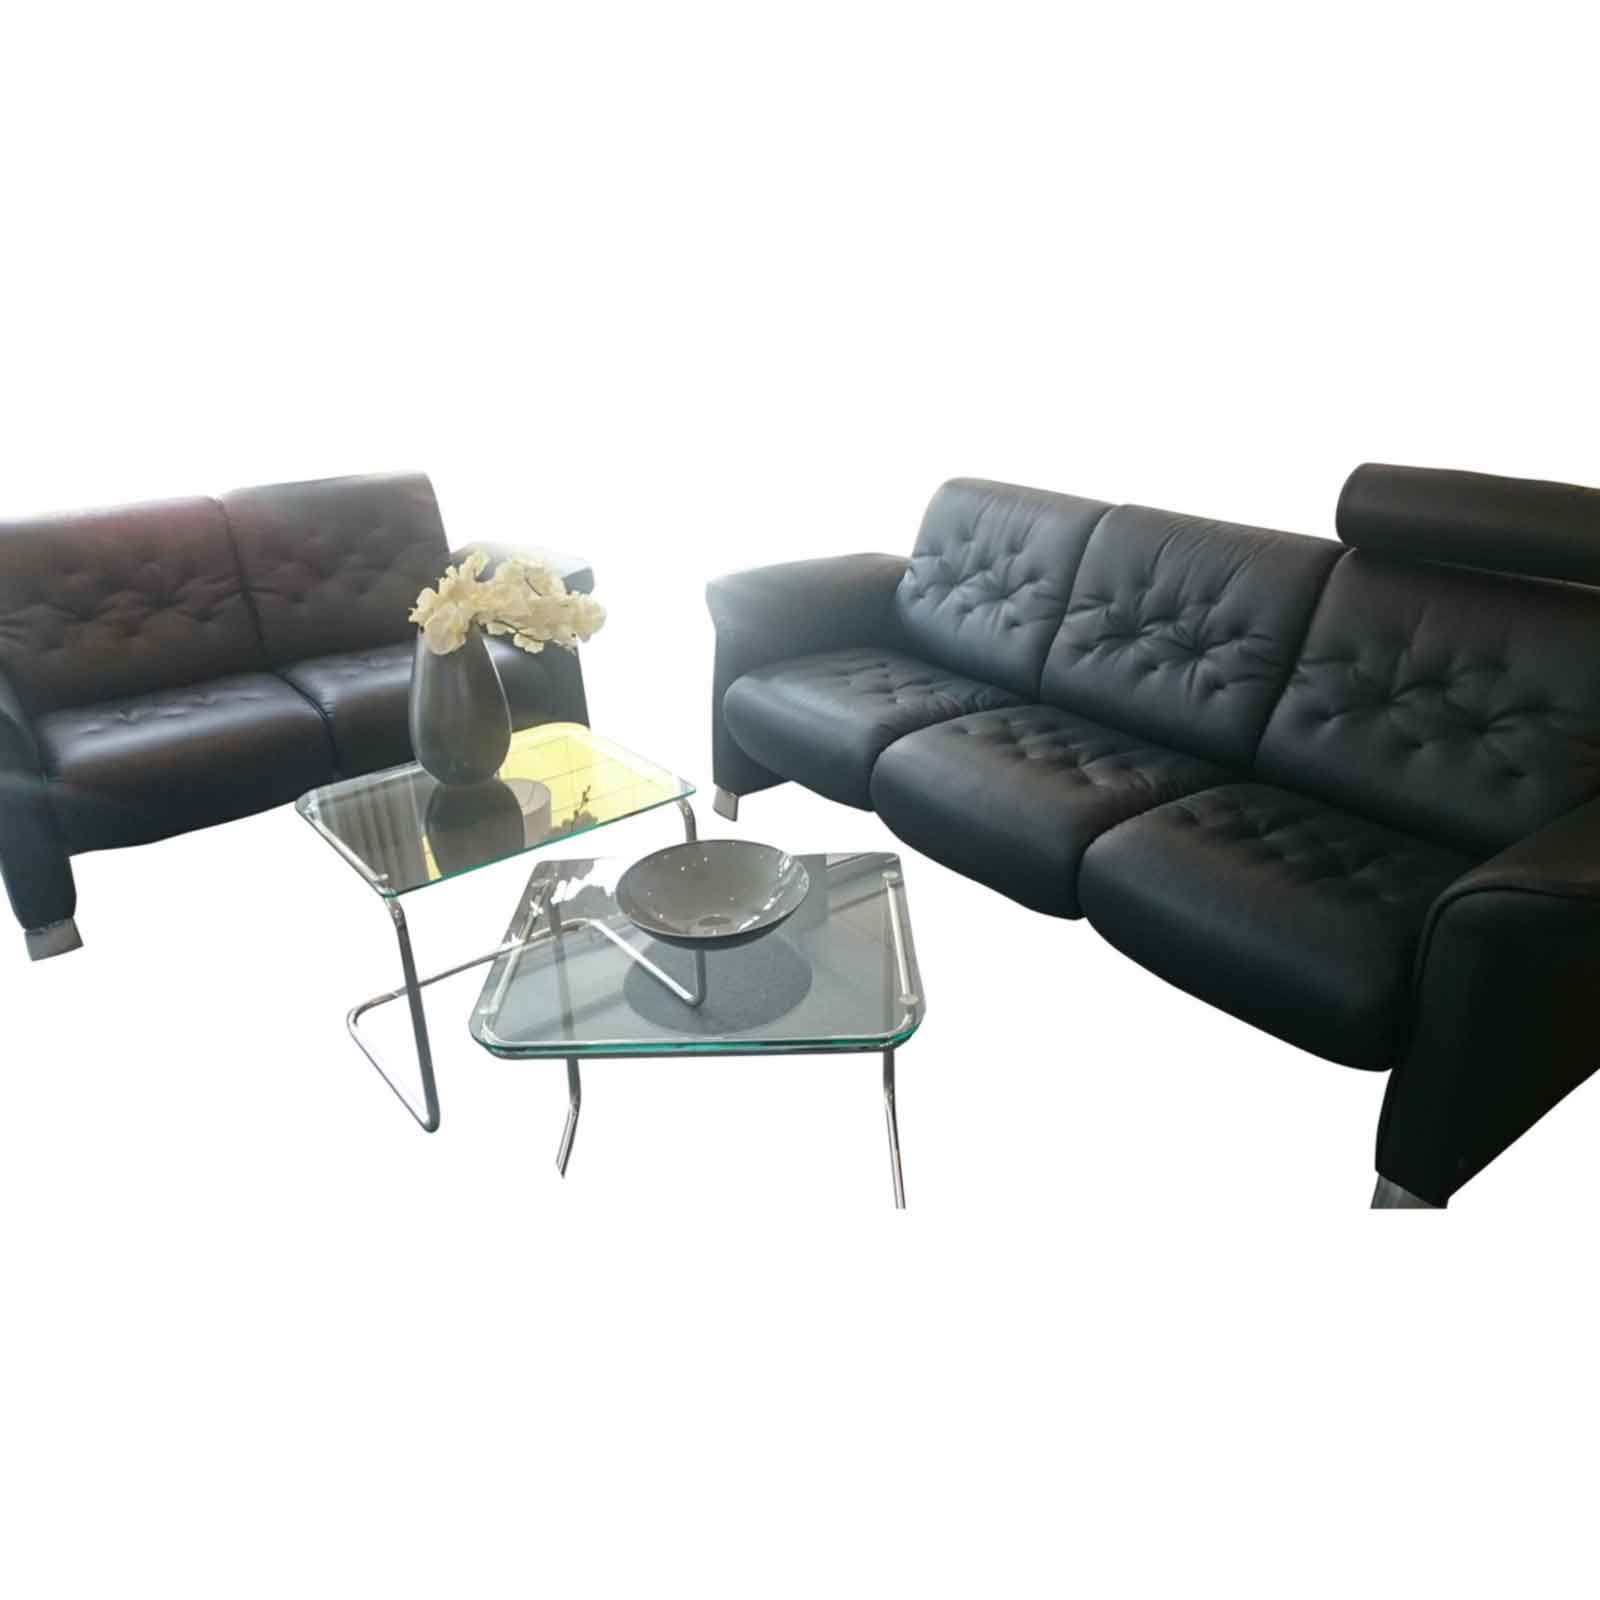 angebot stressless sofakombination metropolitan blue. Black Bedroom Furniture Sets. Home Design Ideas